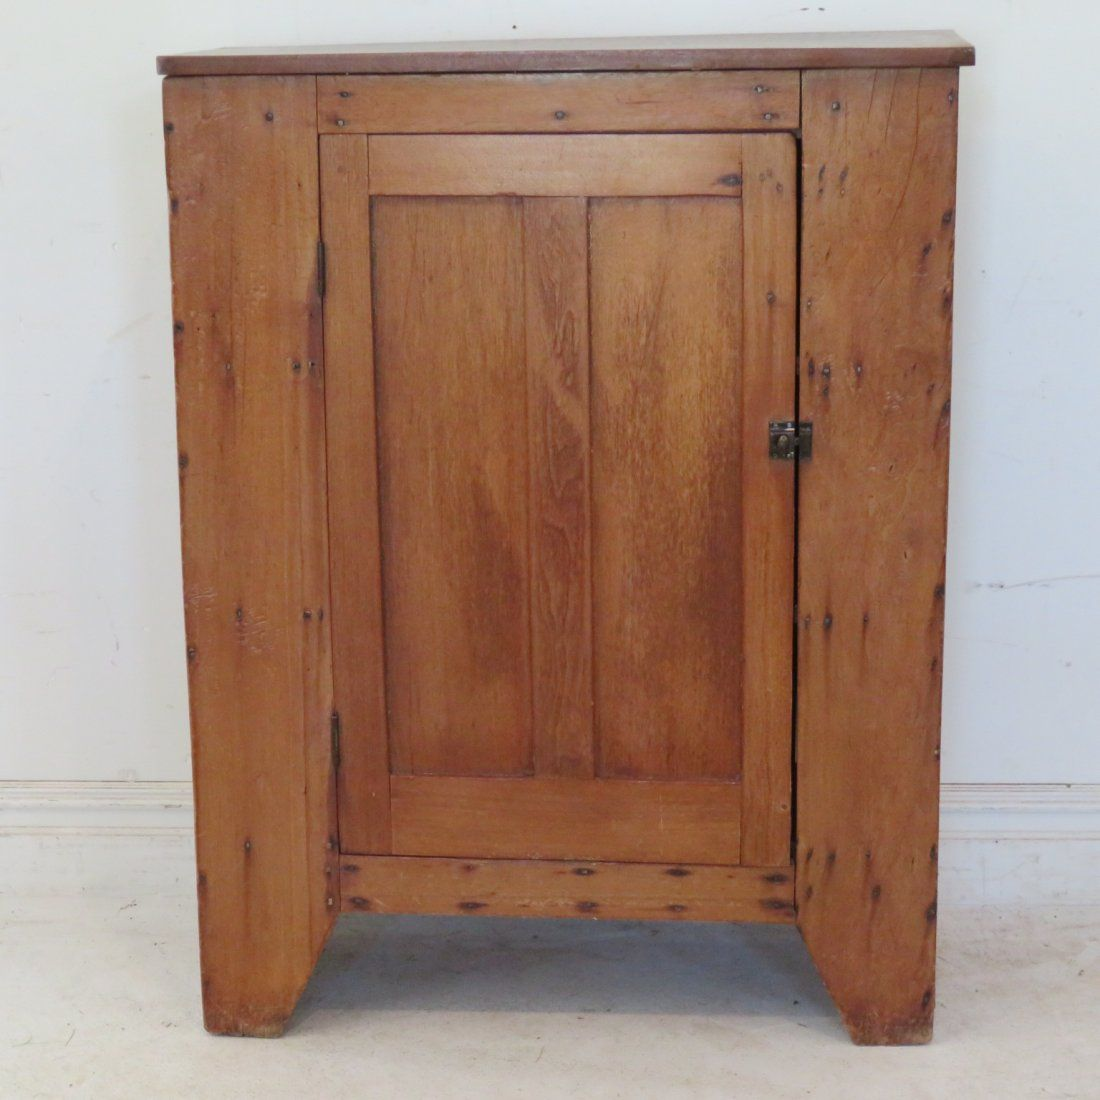 Early walnut single door jelly cupboard